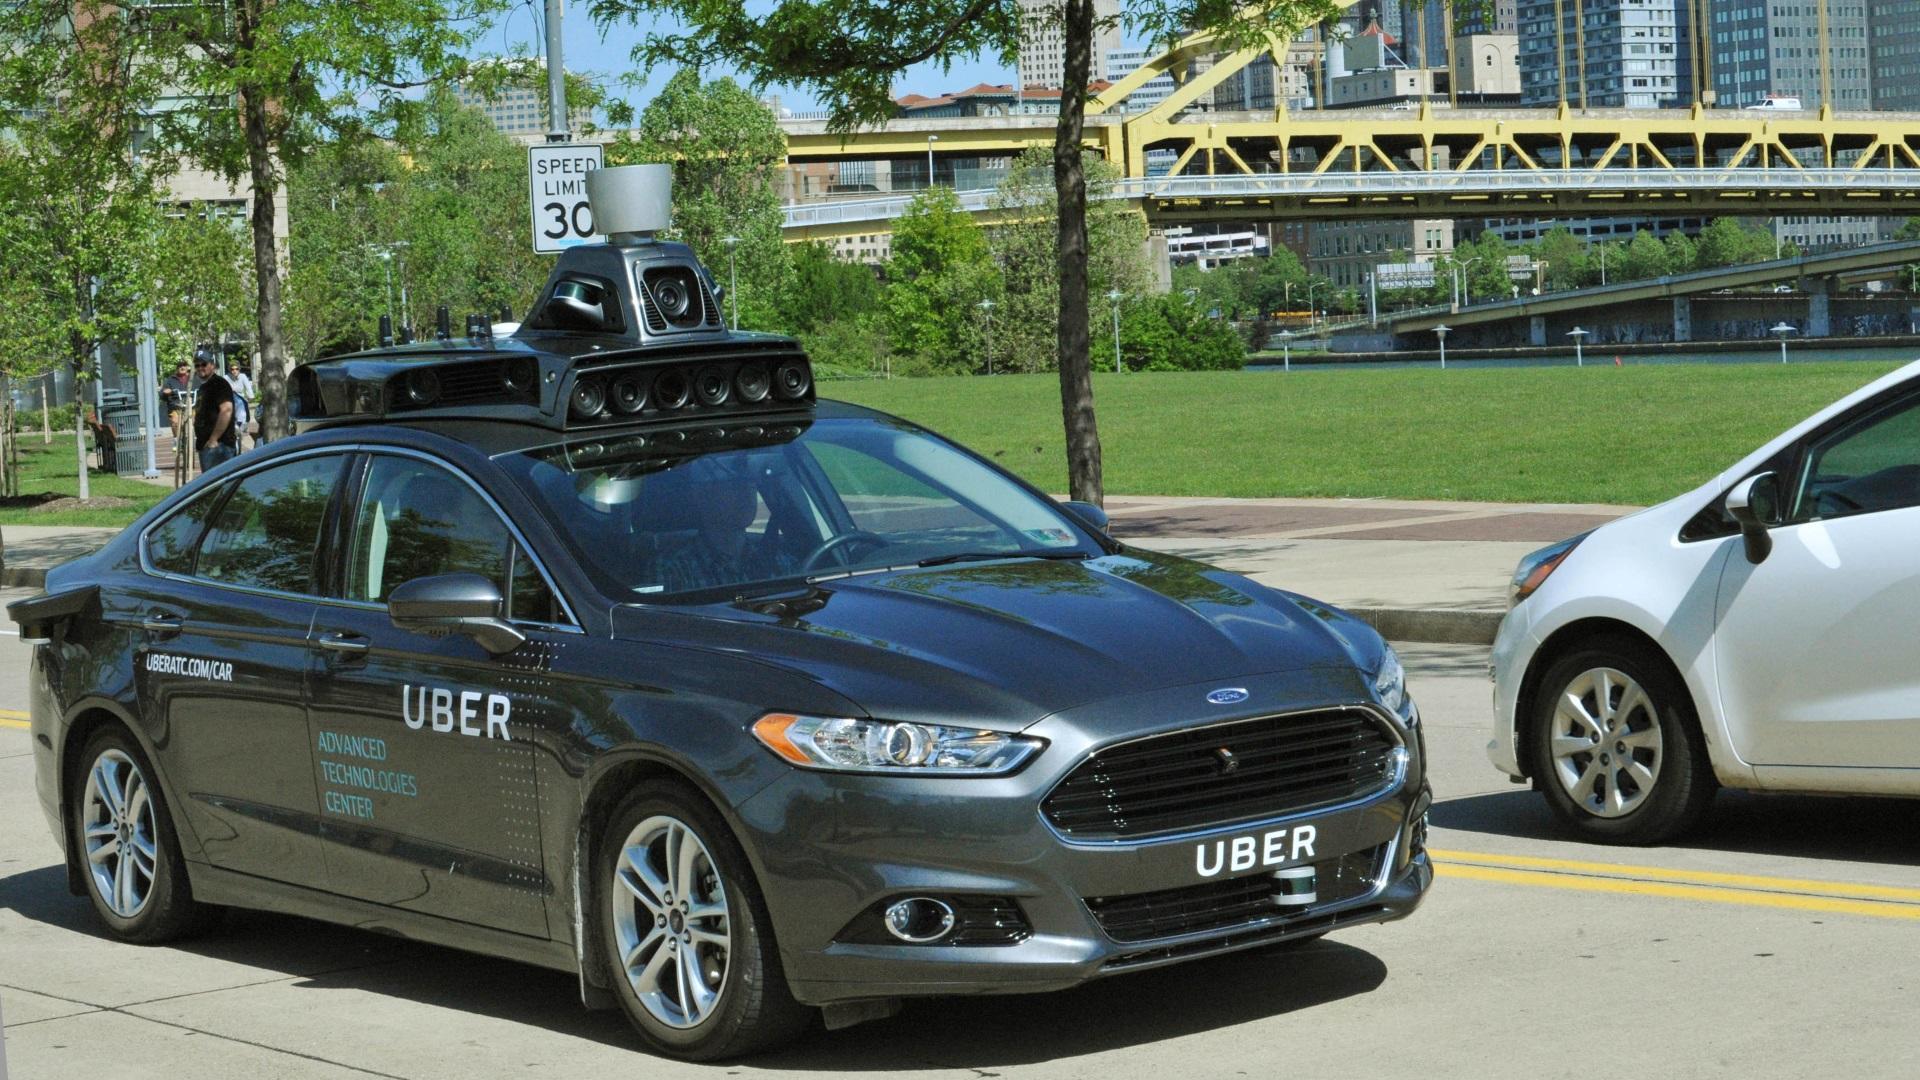 Uber возобновил тесты своих робомобилей спустя девять месяцев после аварии со смертельным исходом - 1